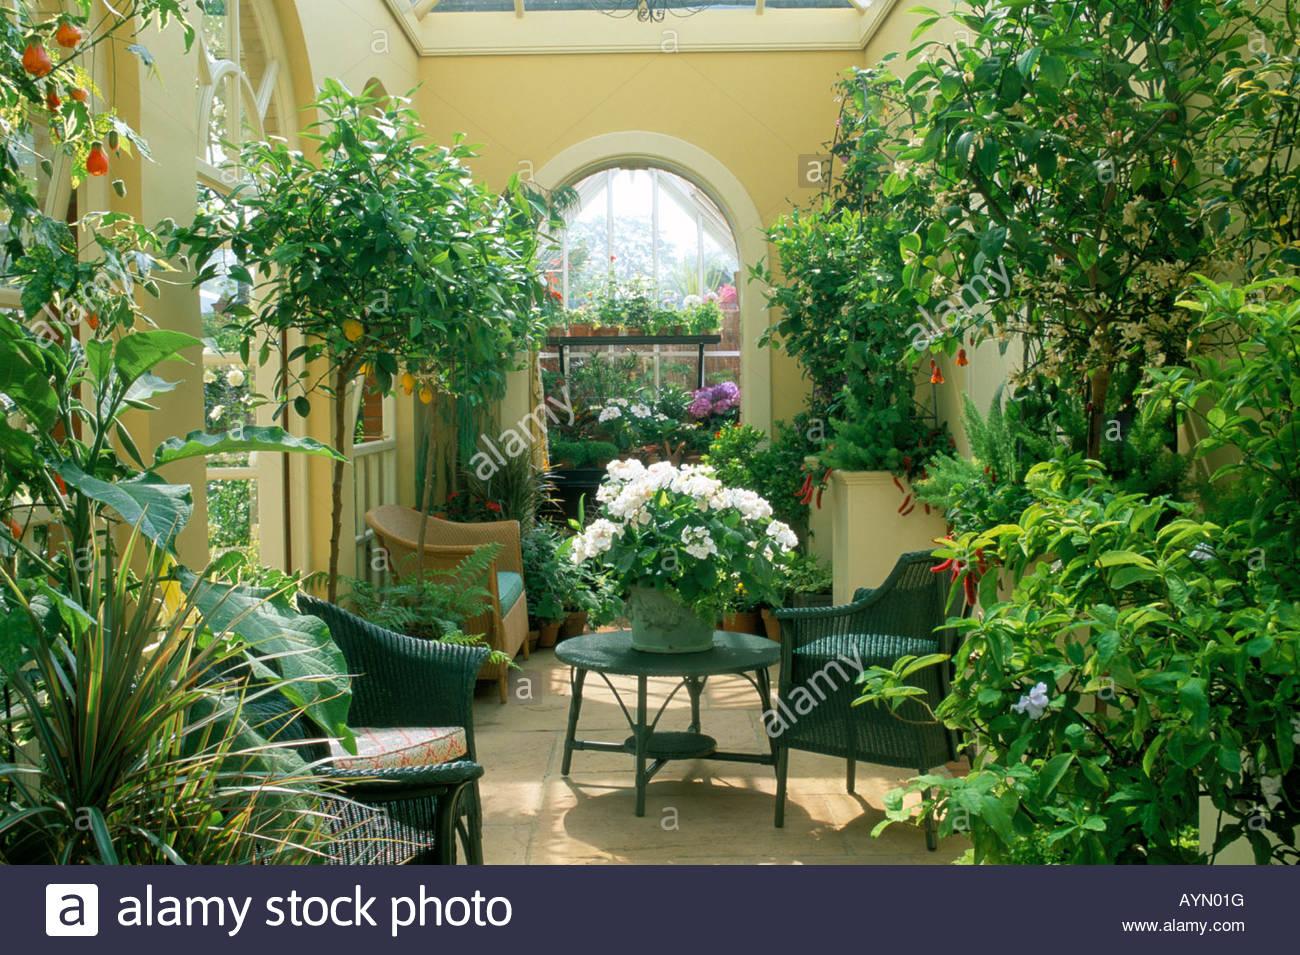 Chelsea fs 1997 design andrea parsons orangery garden room for Green garden rooms